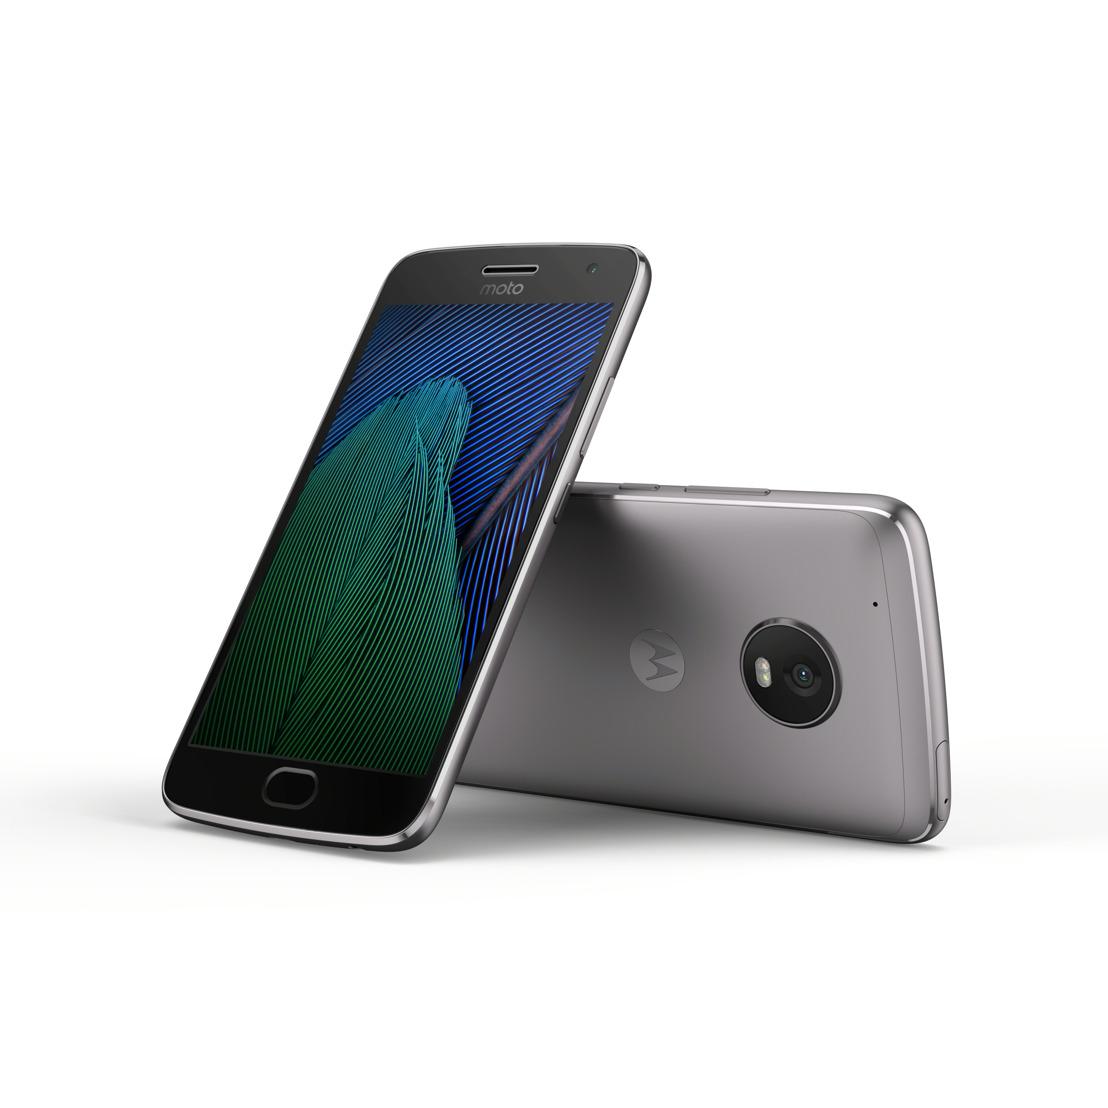 De nieuwe Moto G⁵ en Moto G⁵ Plus: iedereen premium!